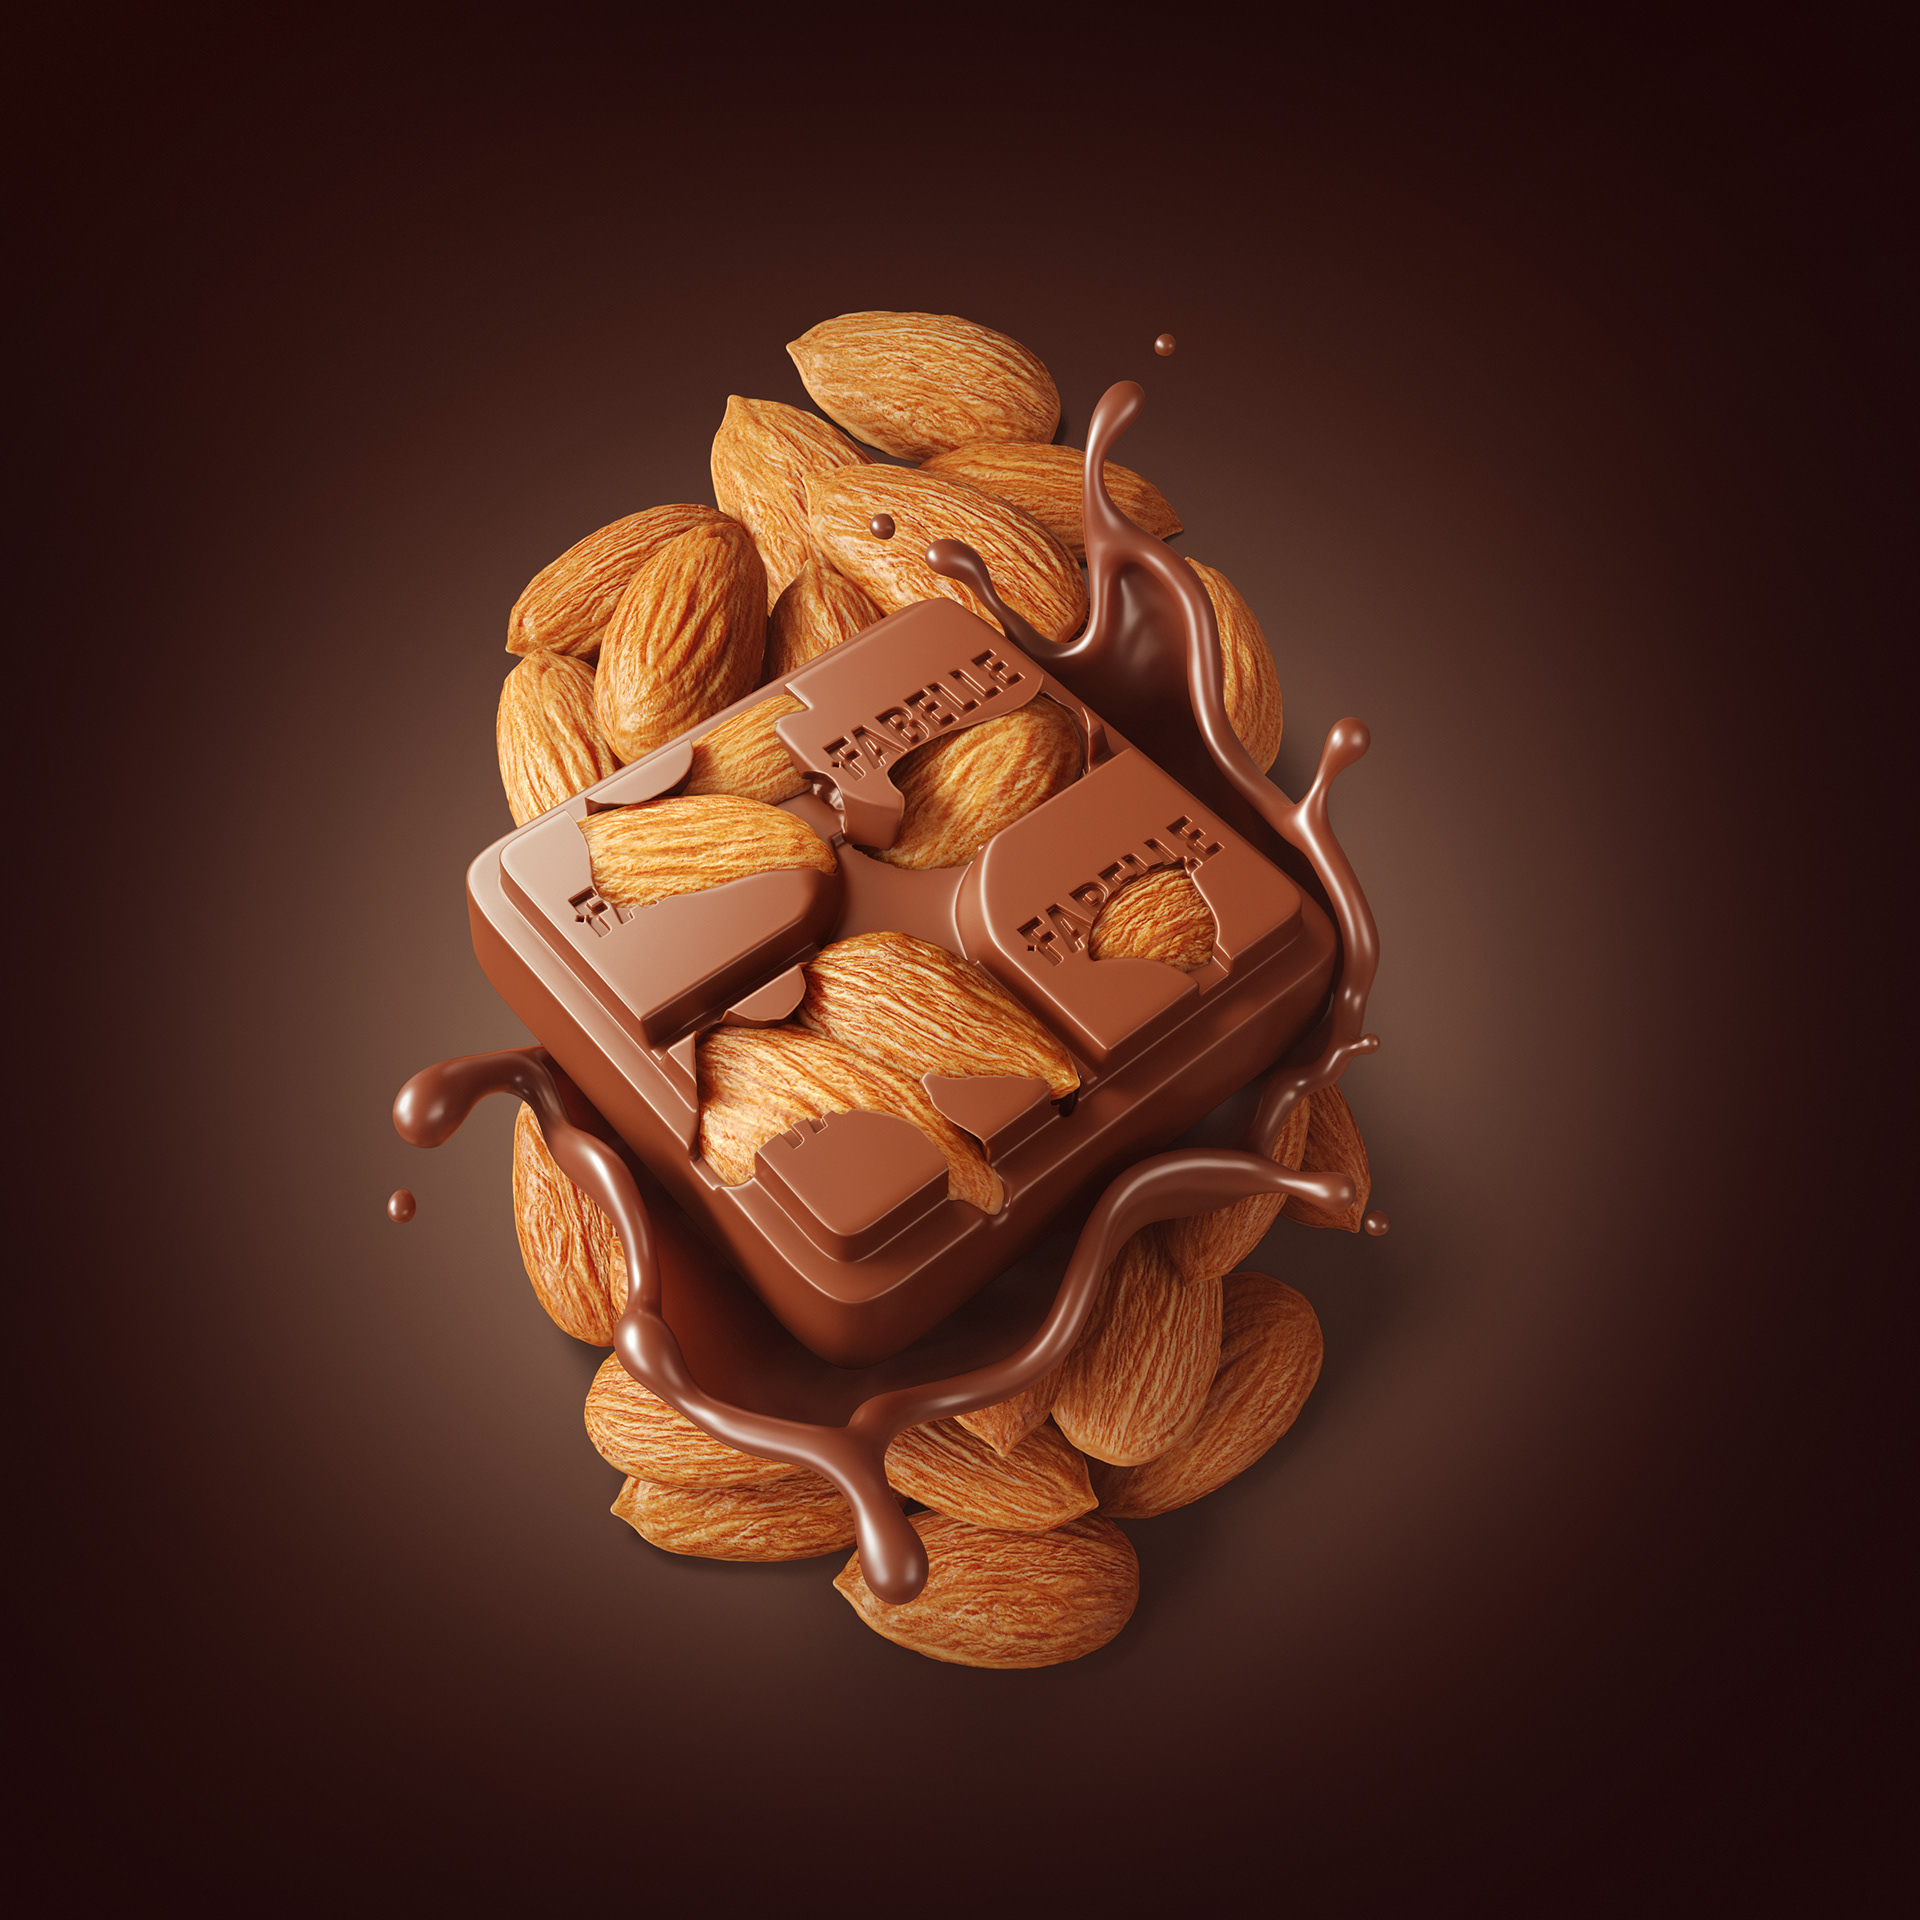 Fabelle巧克力包装设计